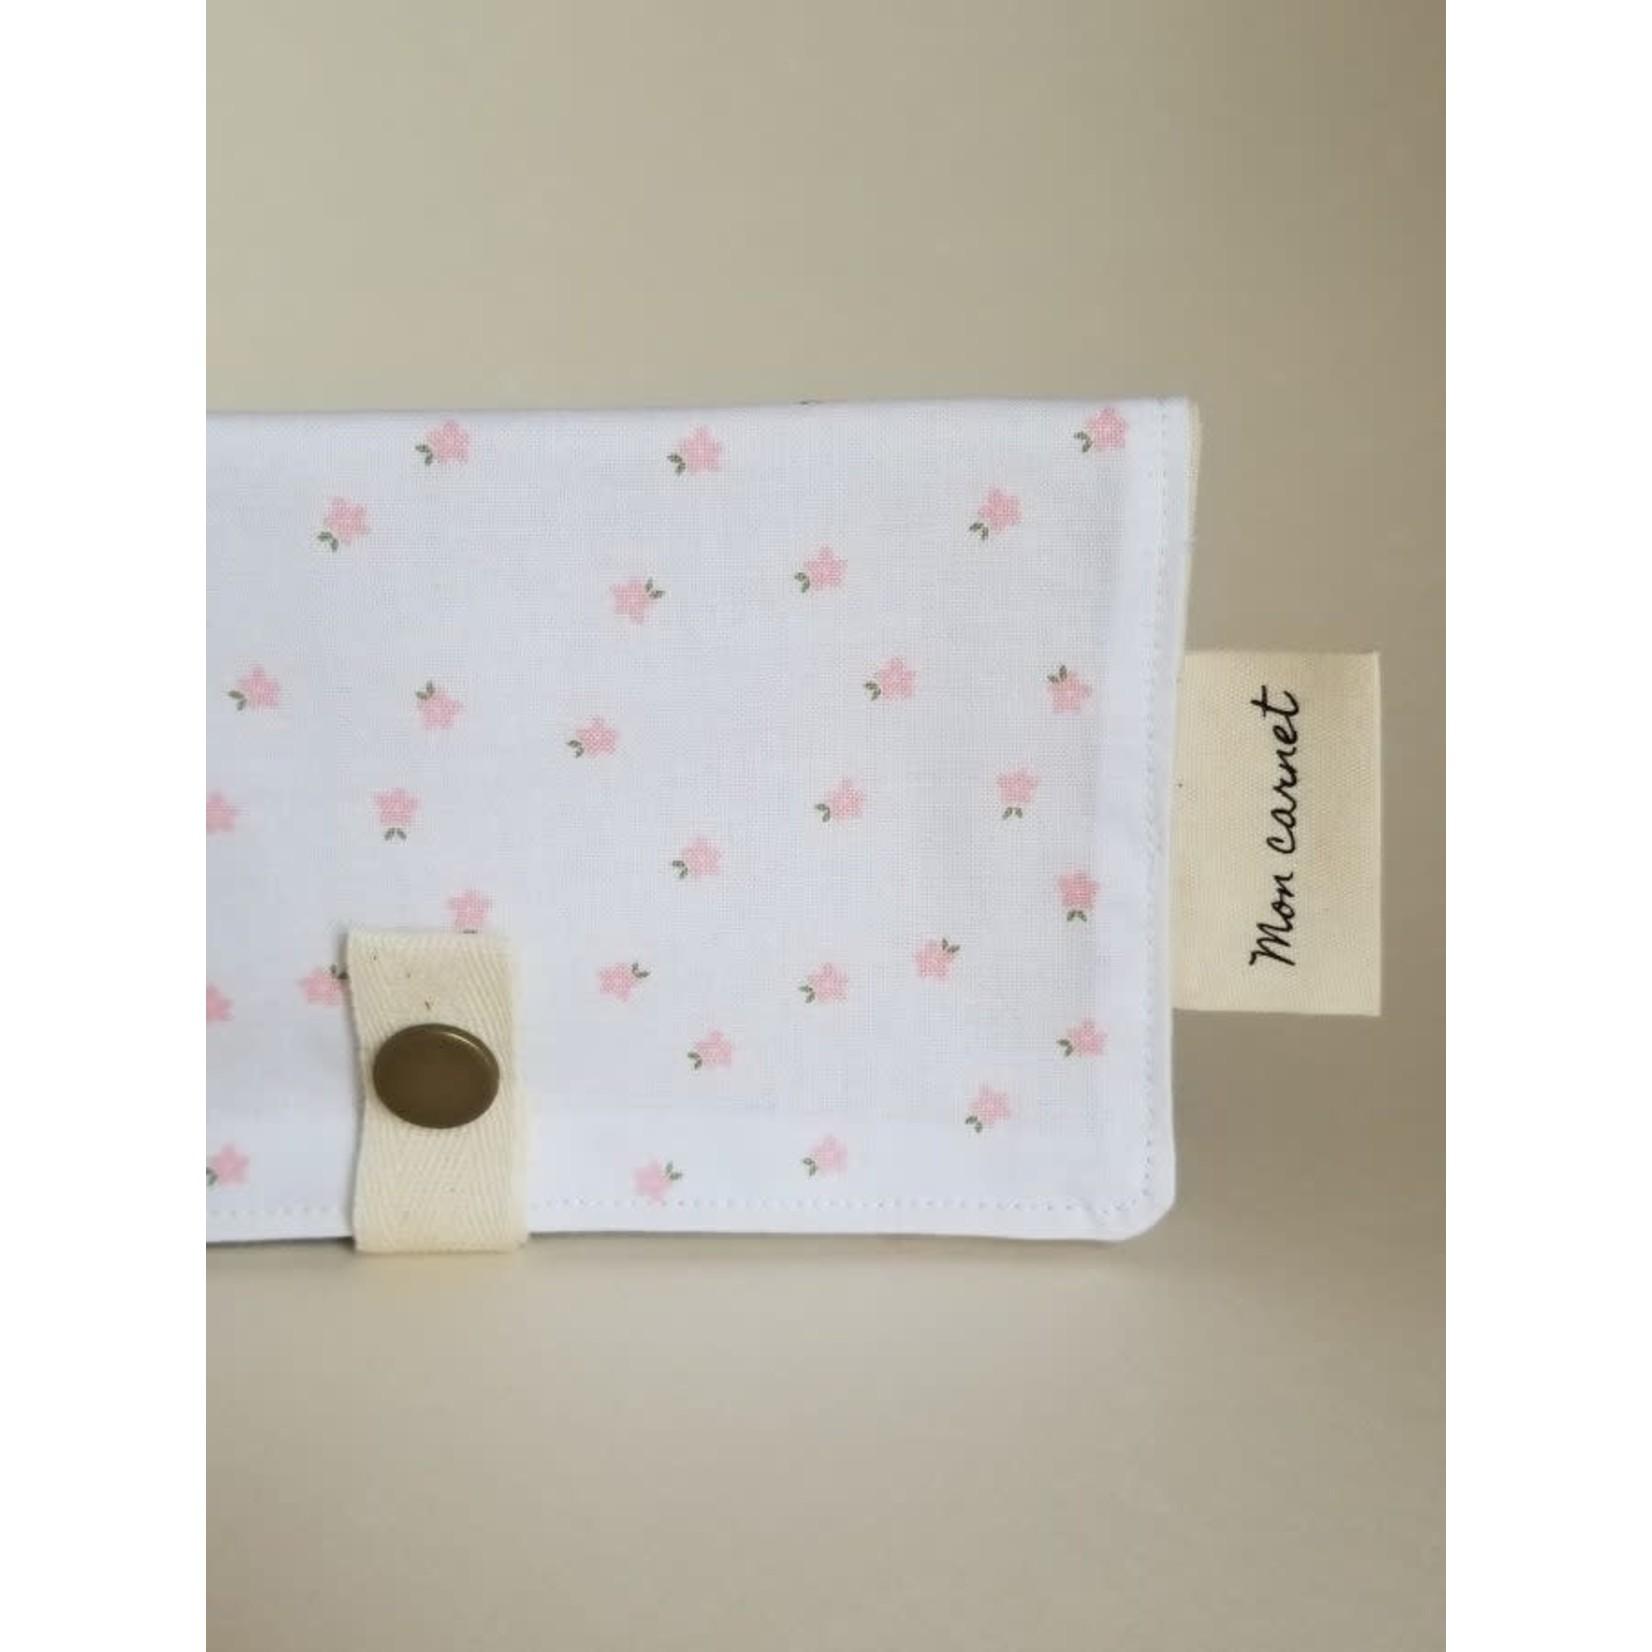 Sauge & co Sauge & co - Mon carnet / Pink daisy